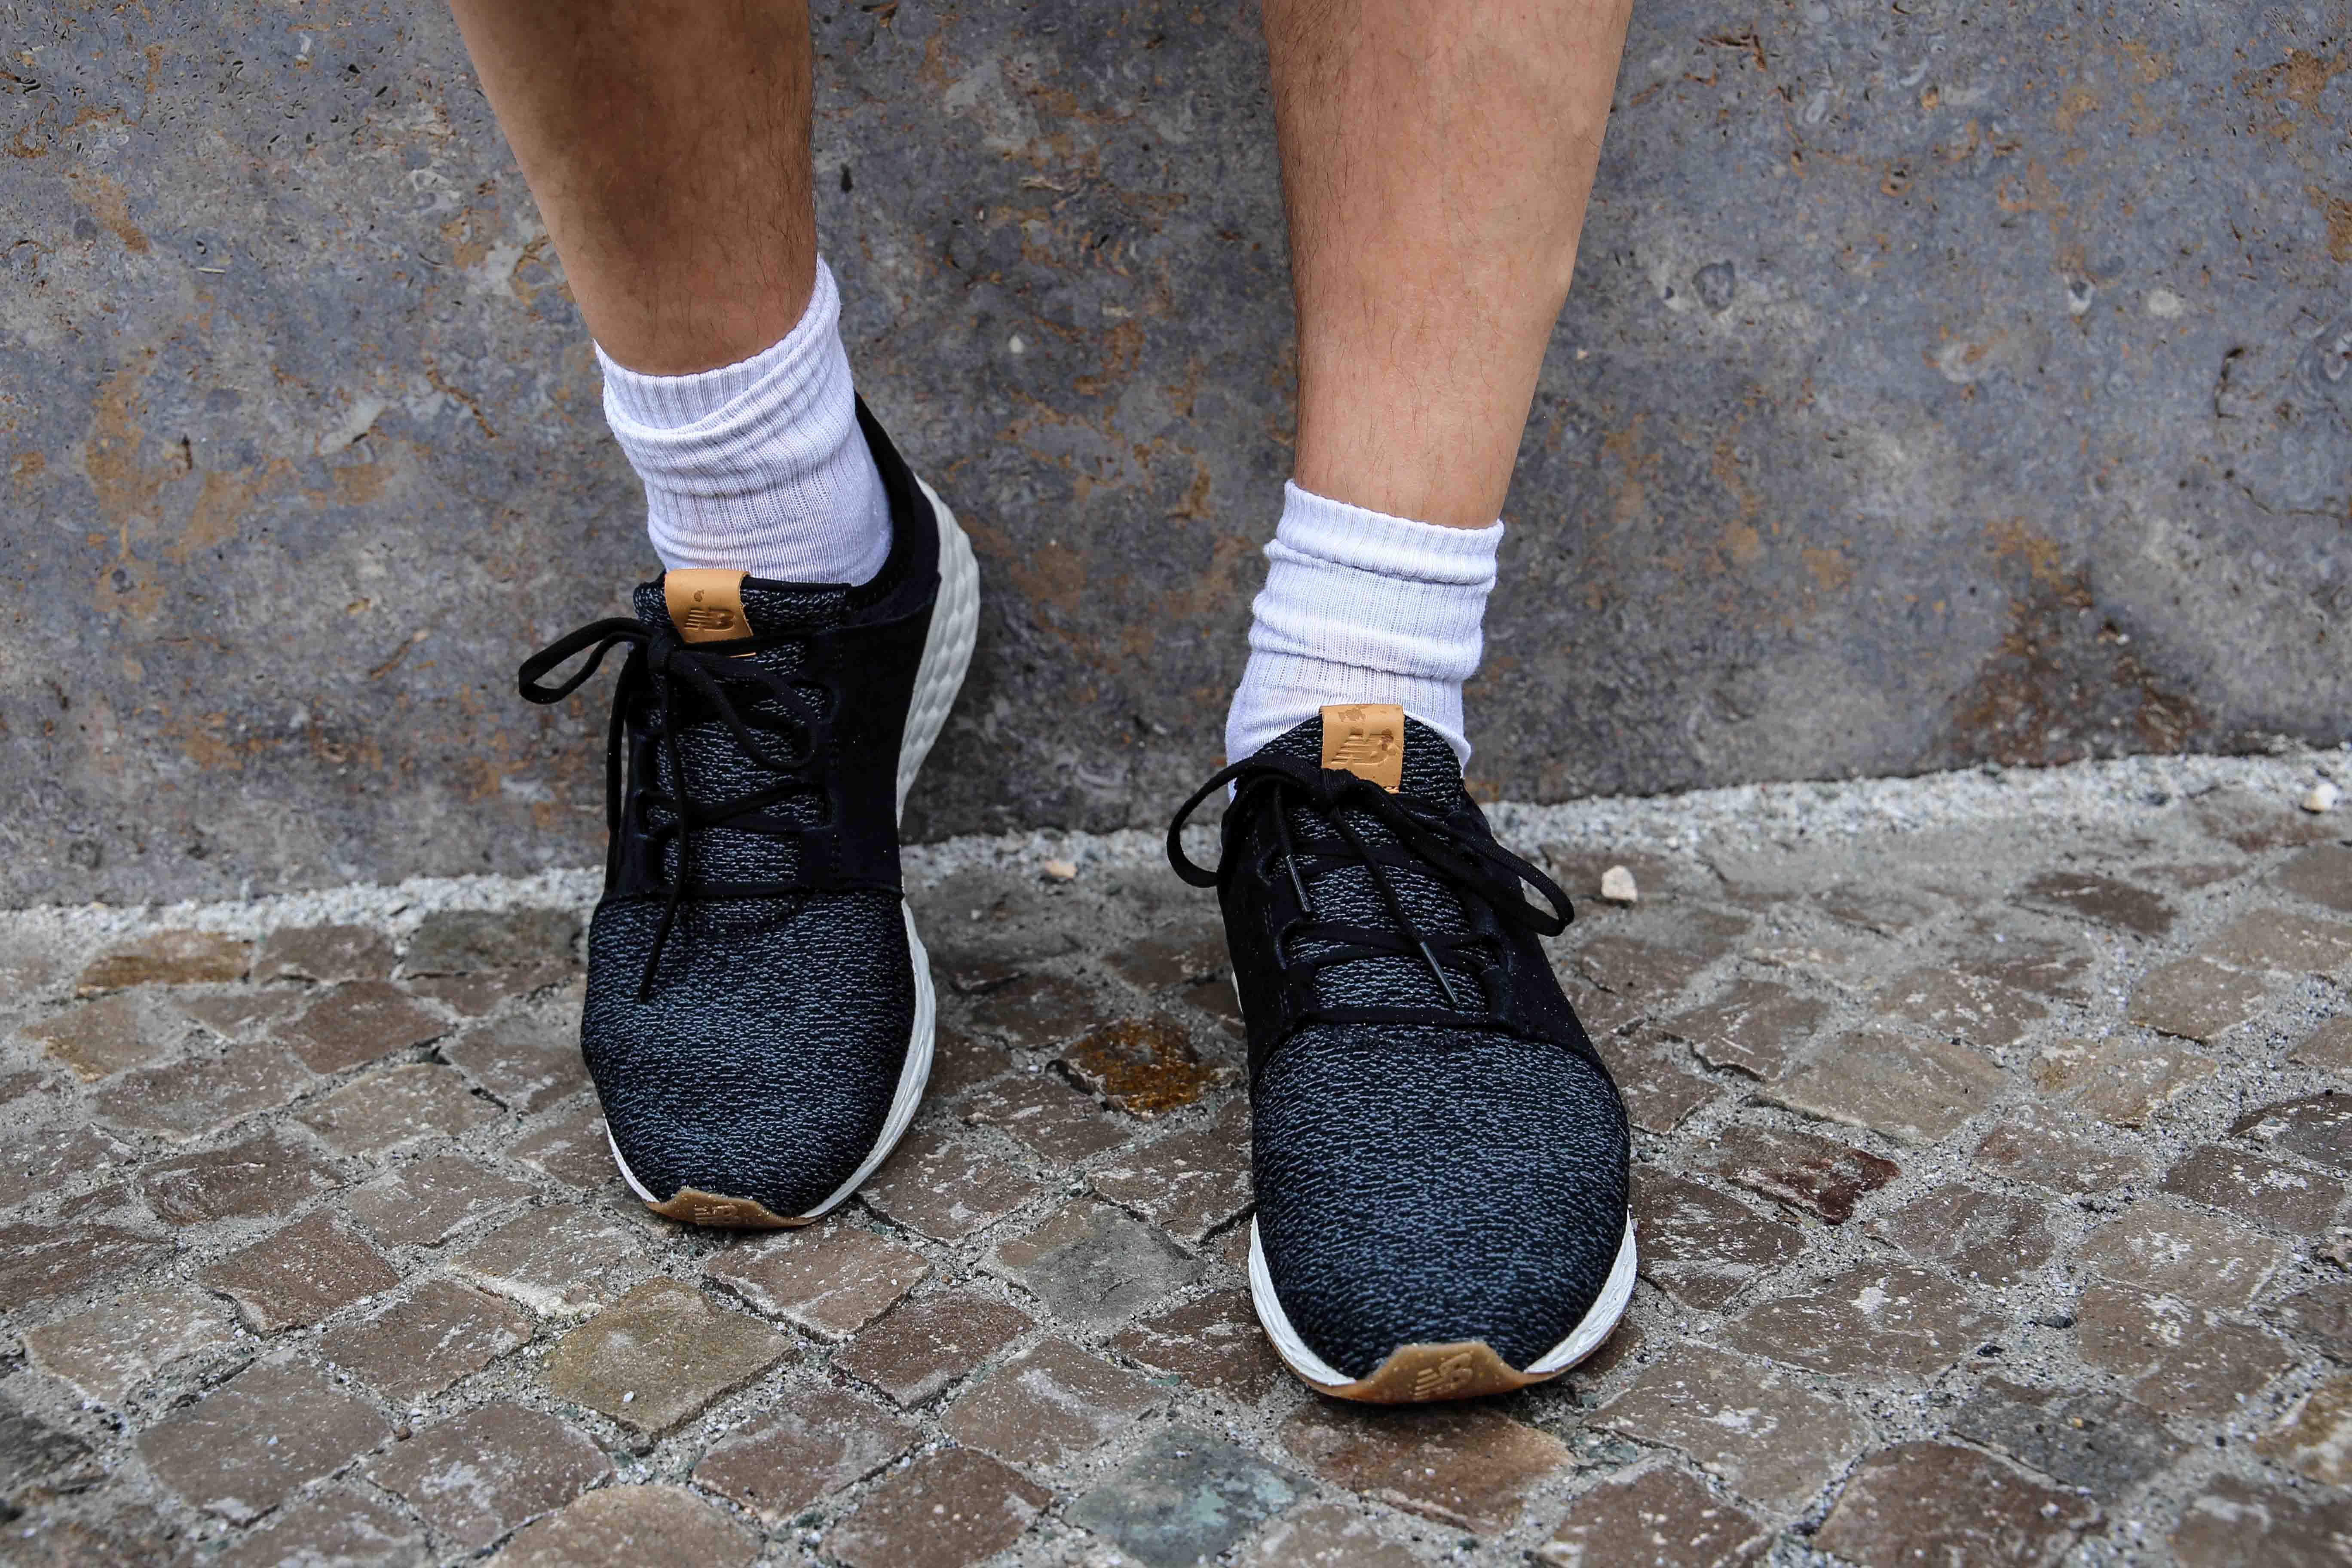 hiit-abnehmen-fettabbau-fitness-blog-sport-berlin-tipps_0336